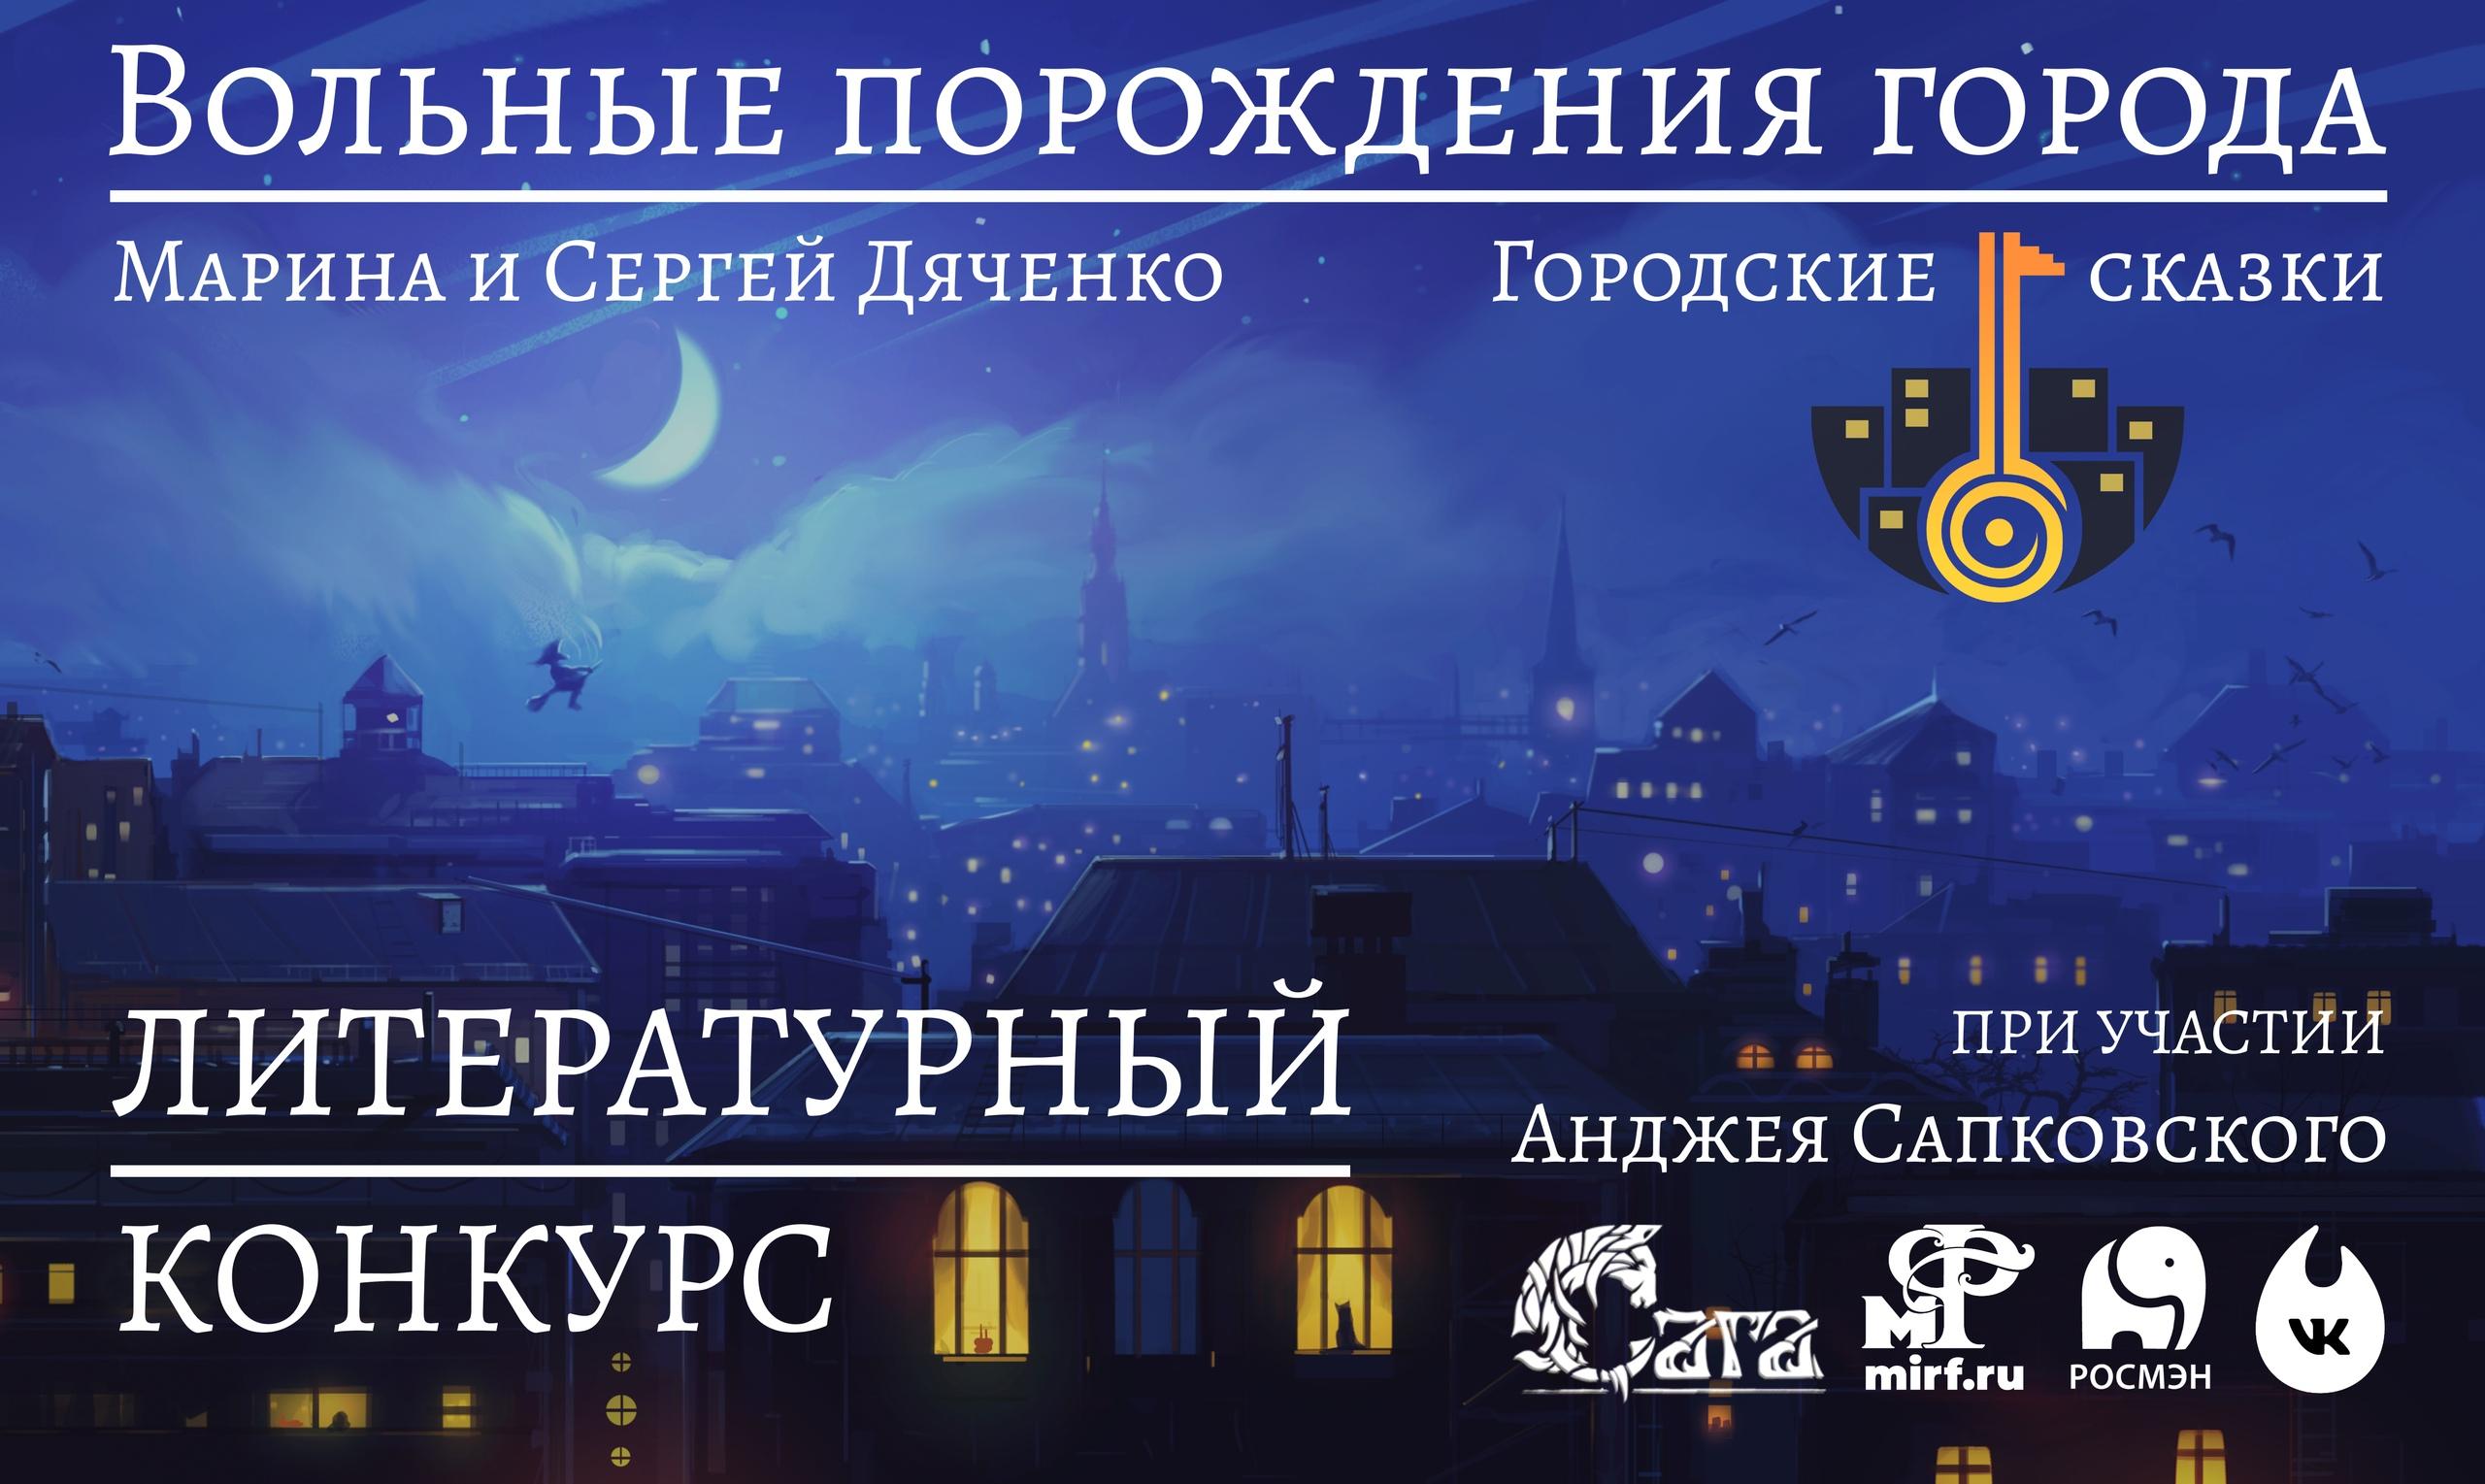 Конкурс городского фэнтези «Вольные порождения города»